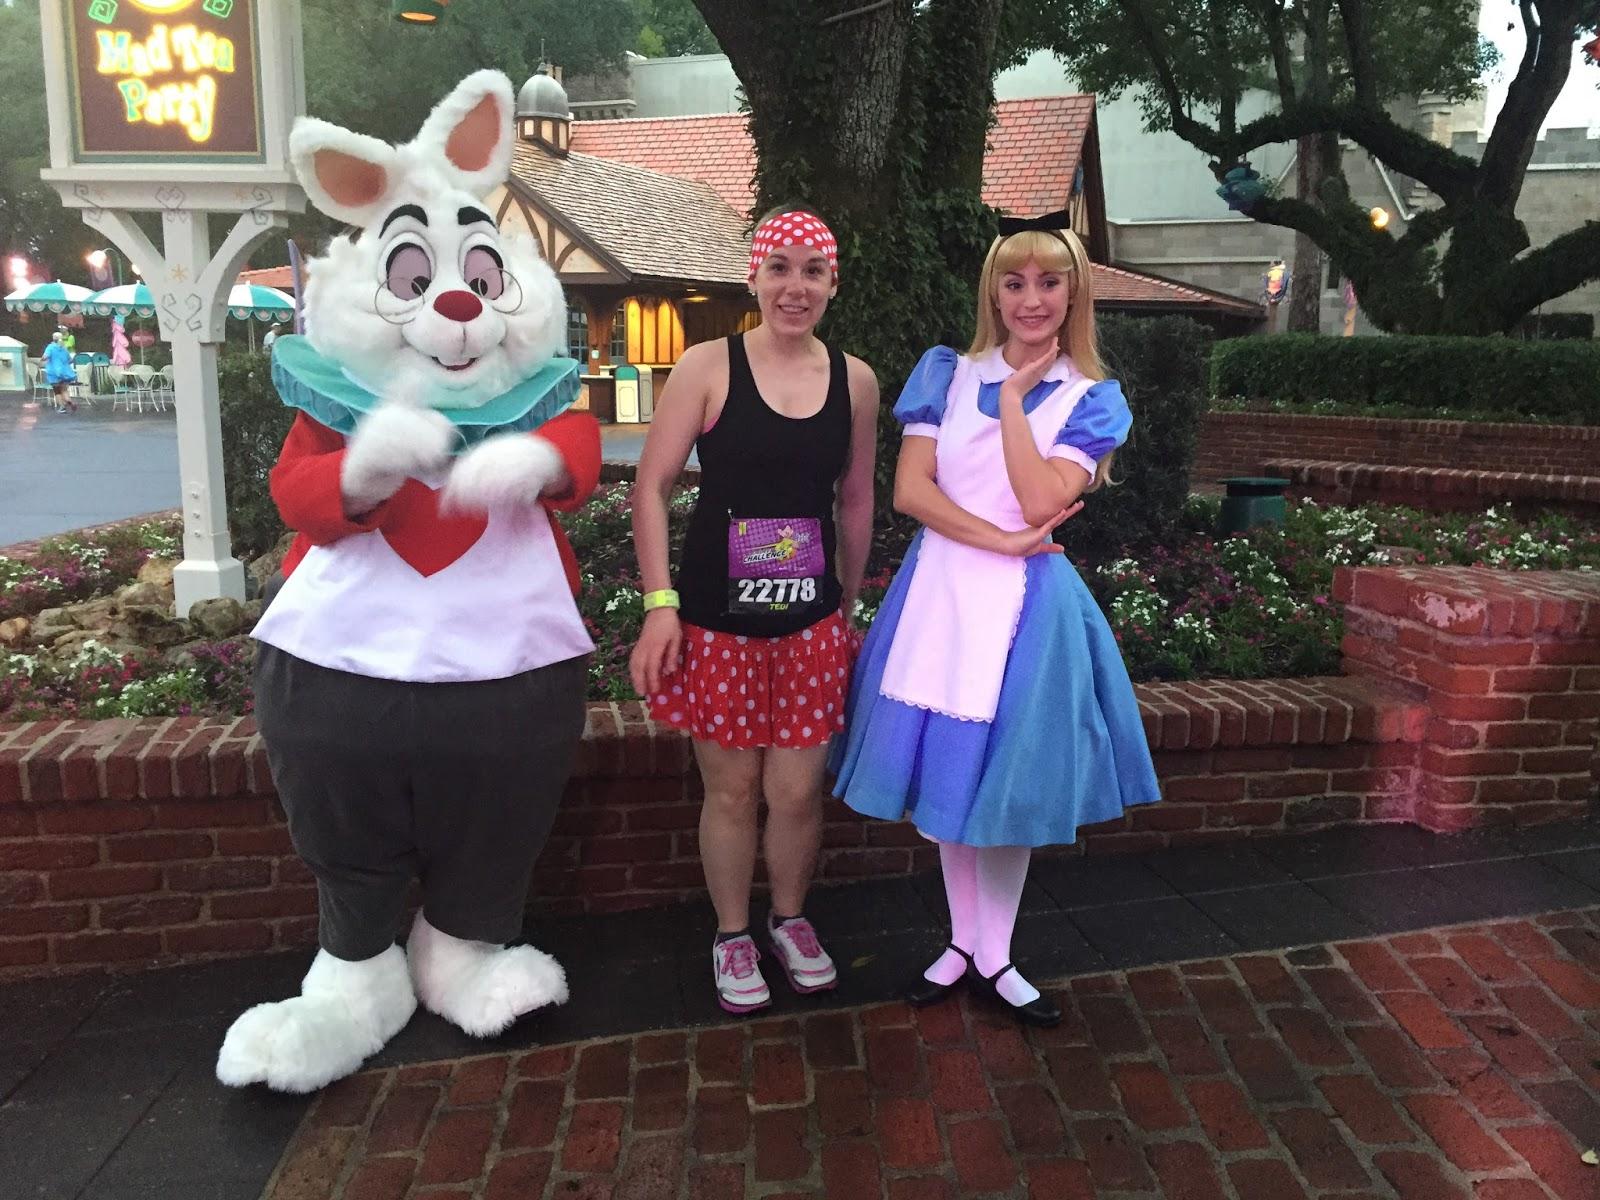 Dopey Challenge Mickey Marathon 2016 with Alice in Wonderland